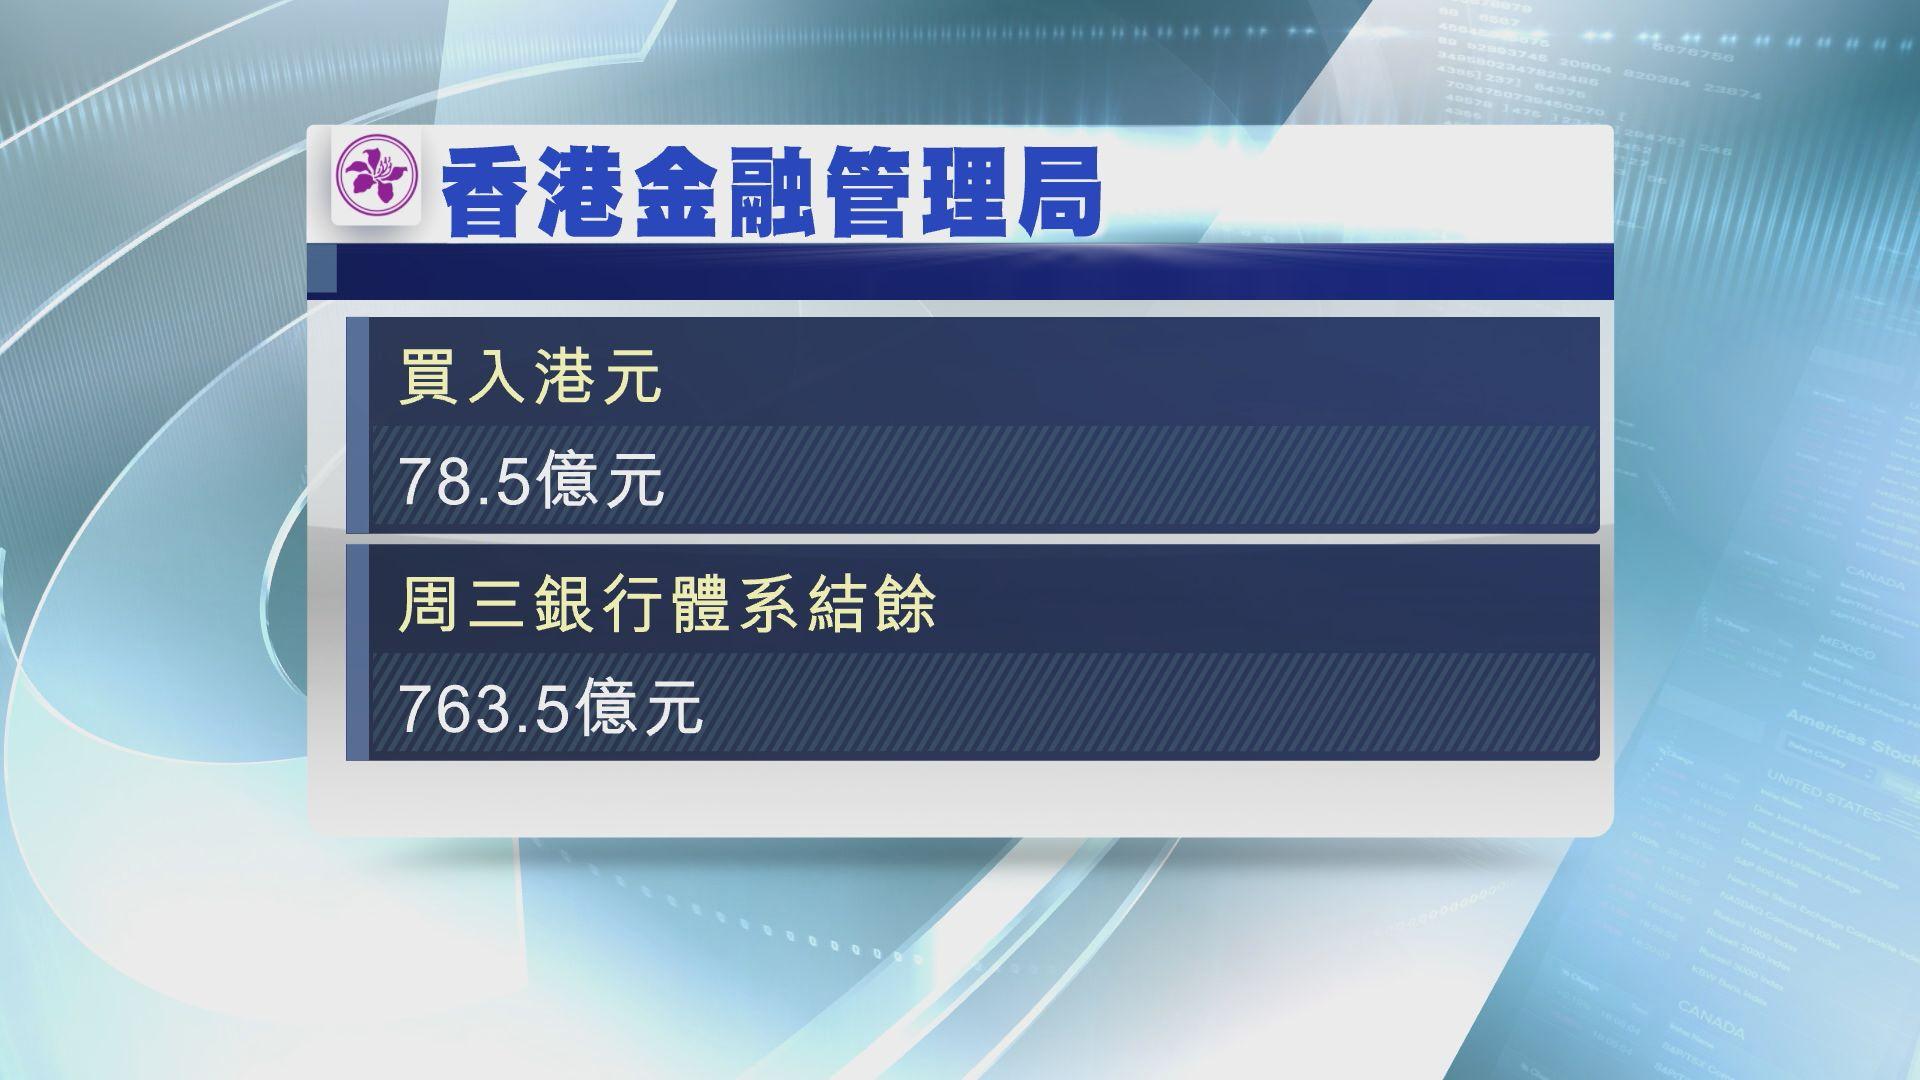 【港匯再轉弱】金管局再買入逾78億港元沽盤